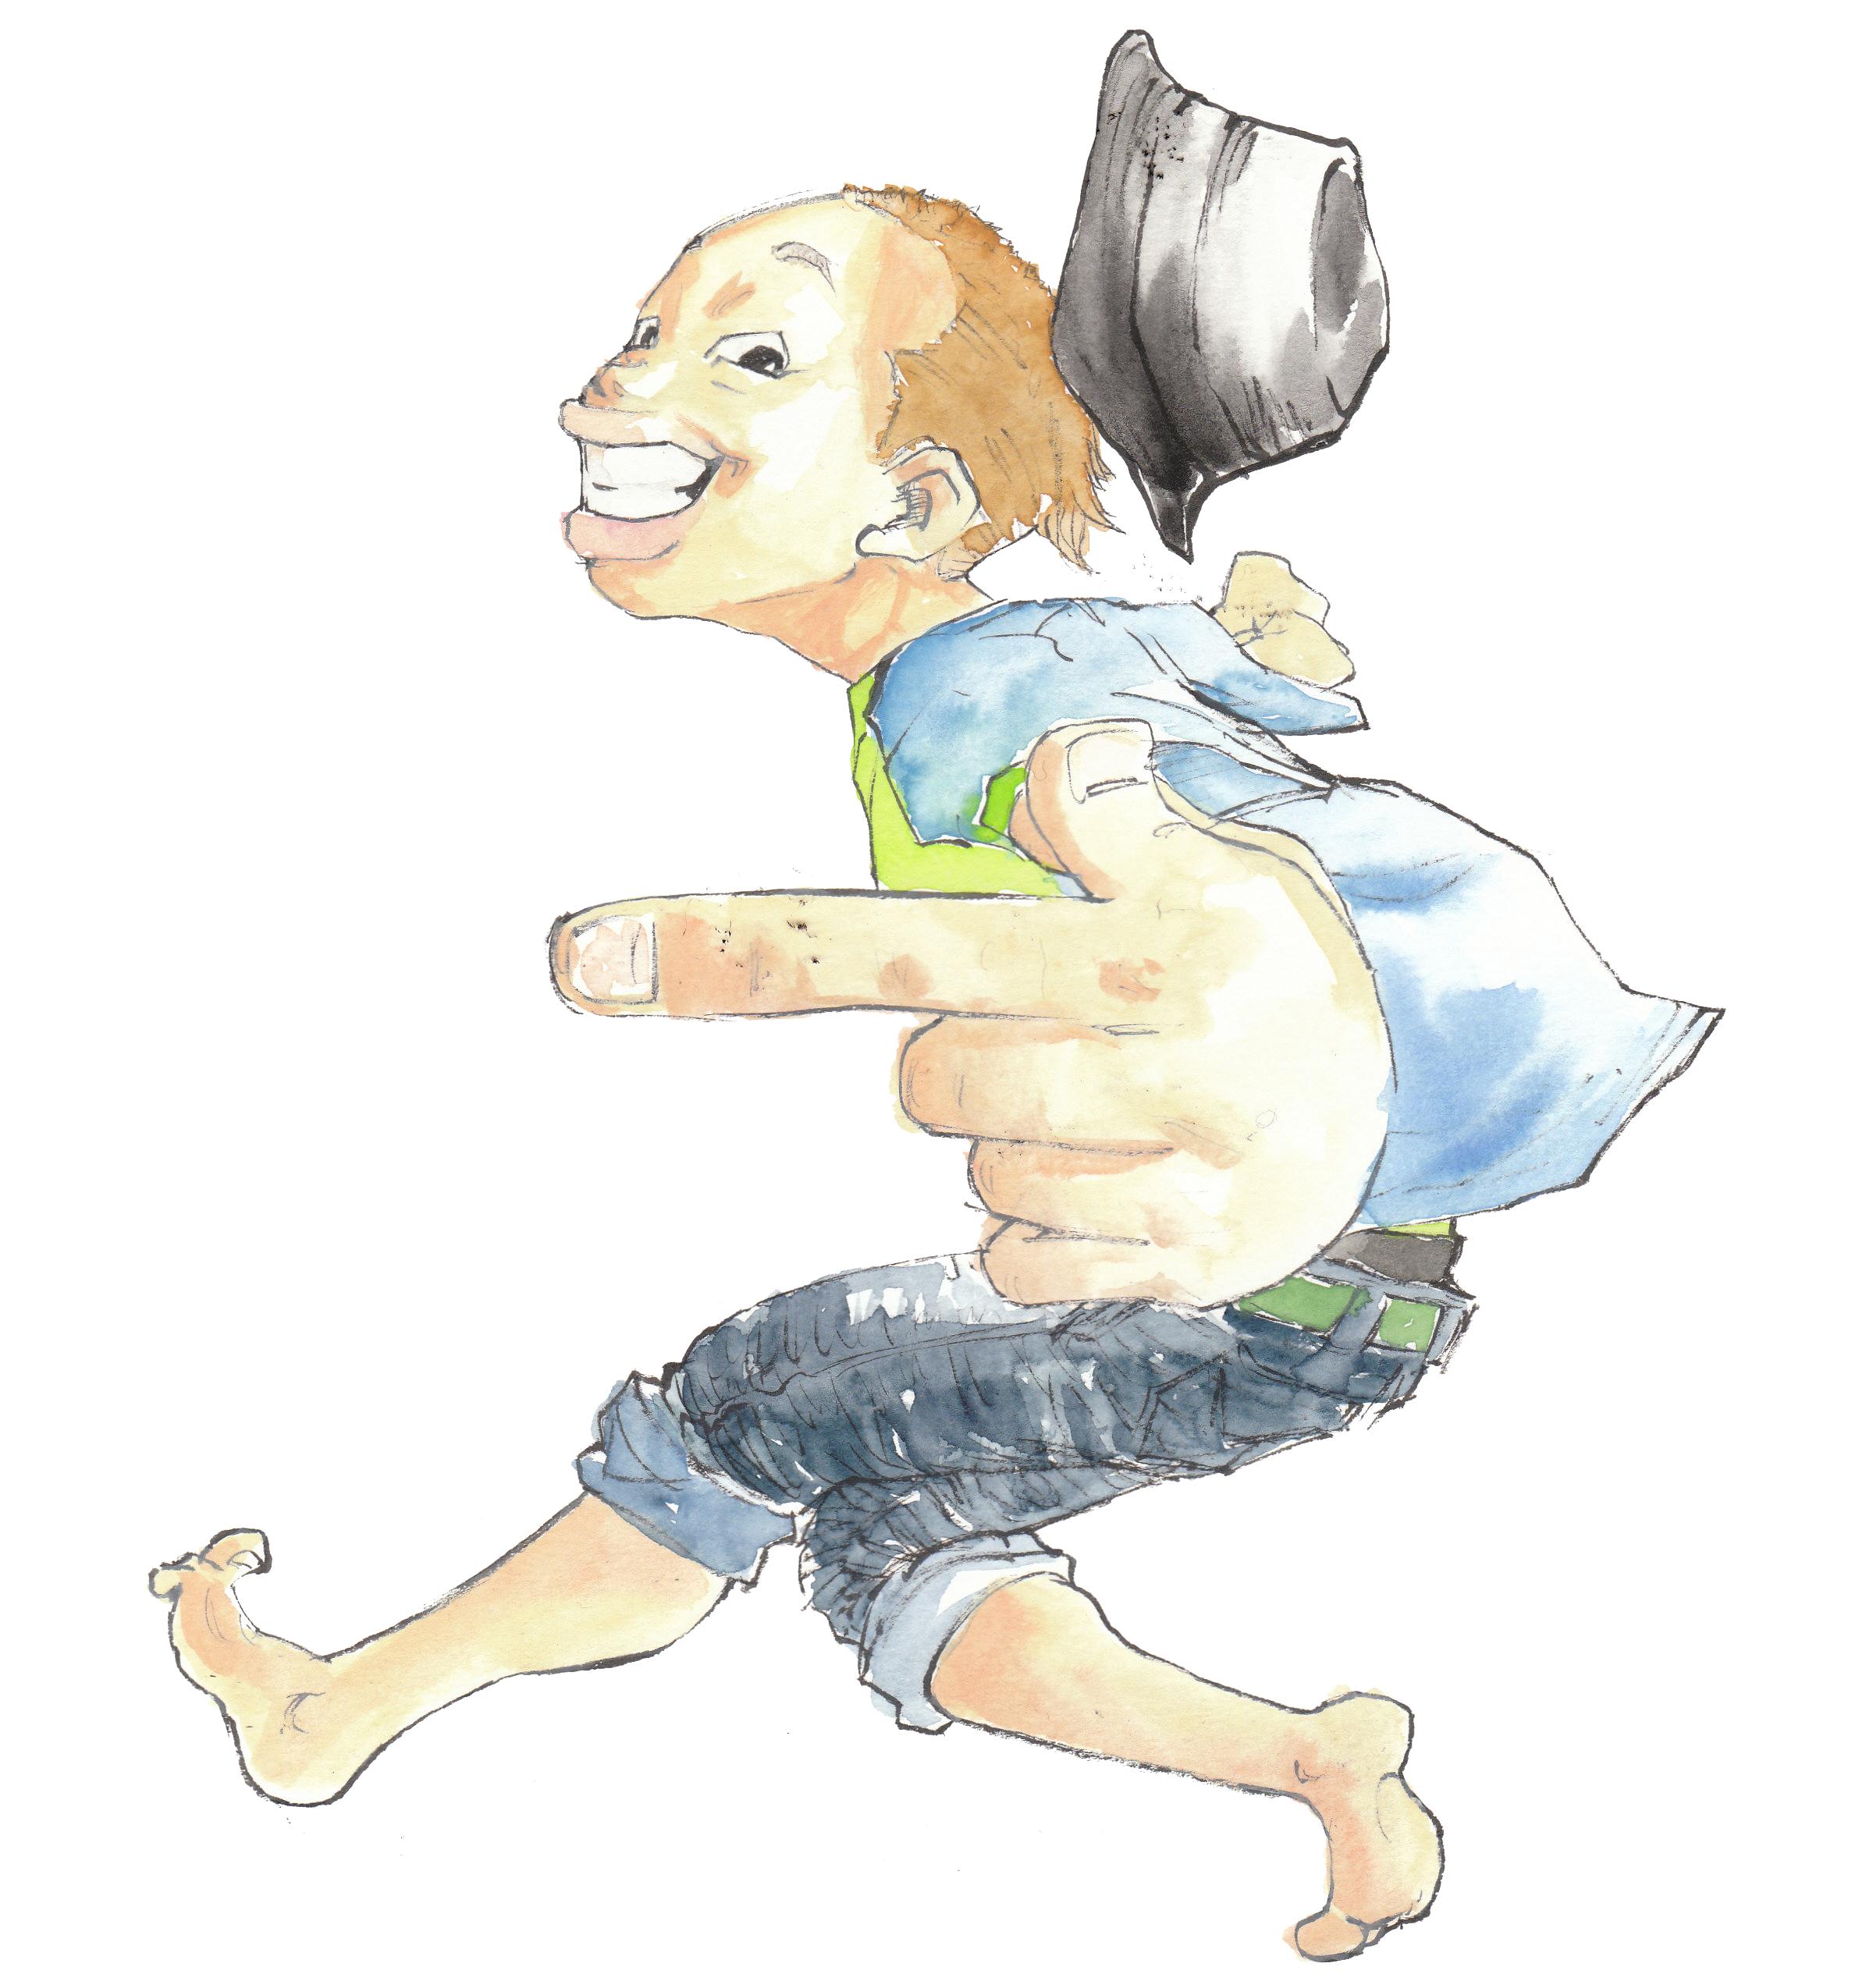 ハジ→今年のツアーが、早くも最新ライブDVDとしてリリース決定。話題の「記念日。feat.miwa」ライブ映像初収録サムネイル画像